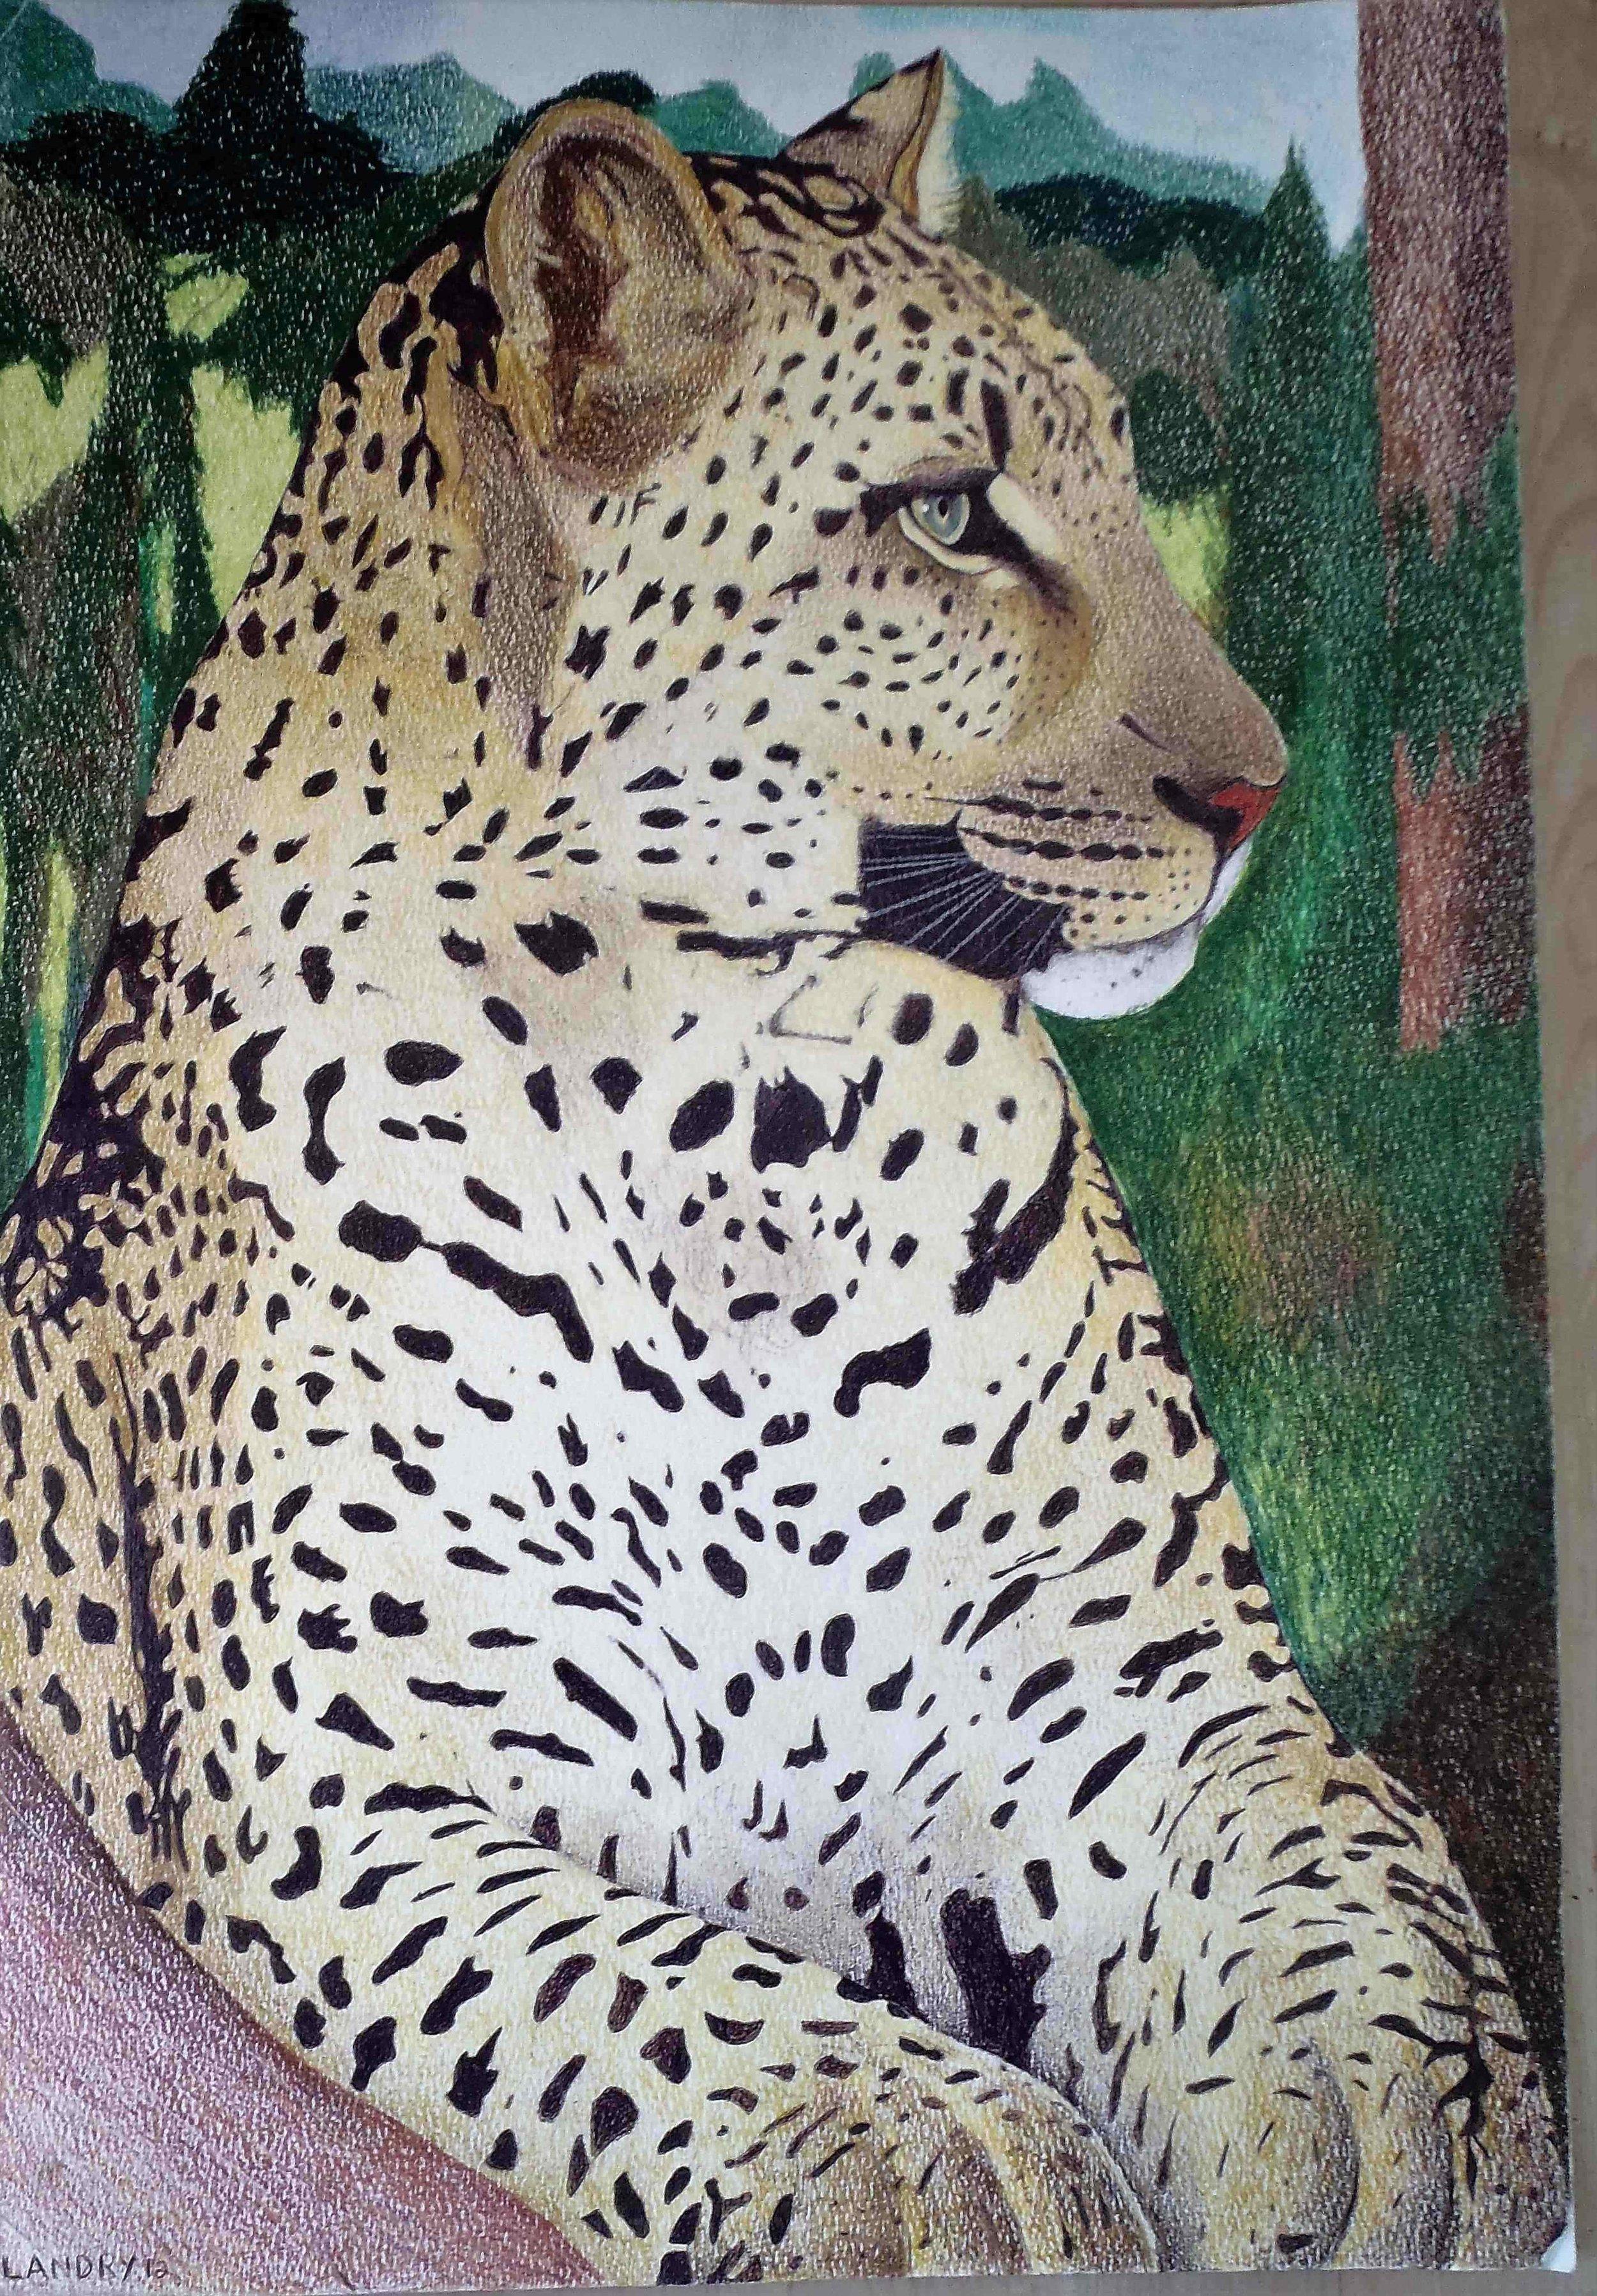 Daniel Landry Leopard-Daniel Landry Leopard-Leopard by Daniel Landry - Copy.jpg